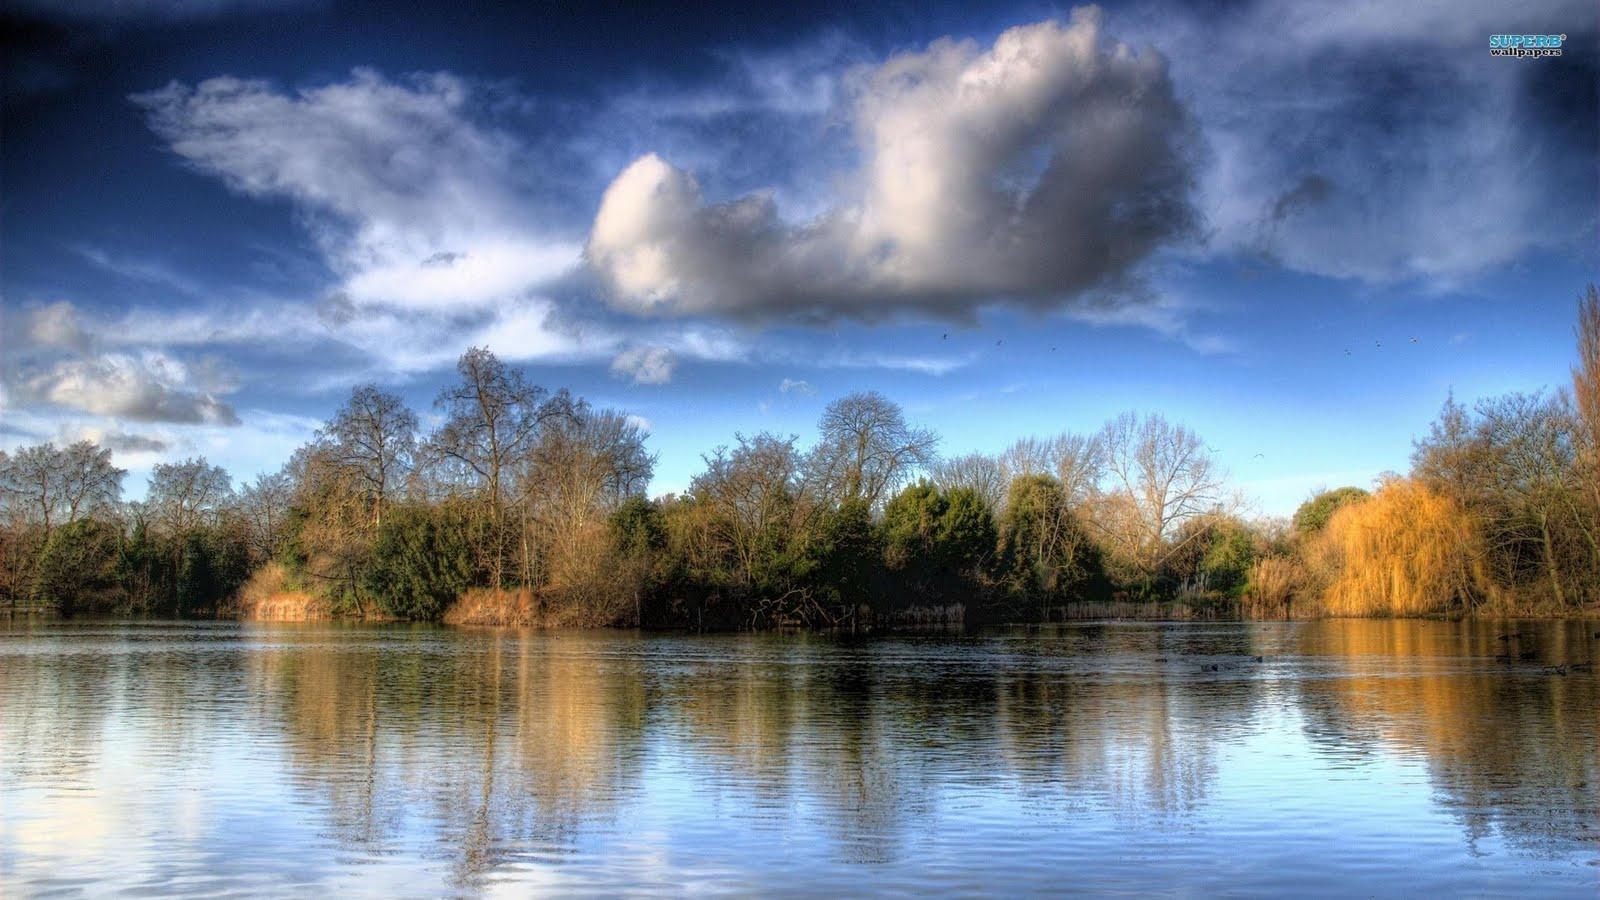 http://1.bp.blogspot.com/-r02pa7370R0/TjBnPcgh9TI/AAAAAAAABaI/x8HXwkdMxXo/s1600/battersea-park-4918-1920x1080.jpg